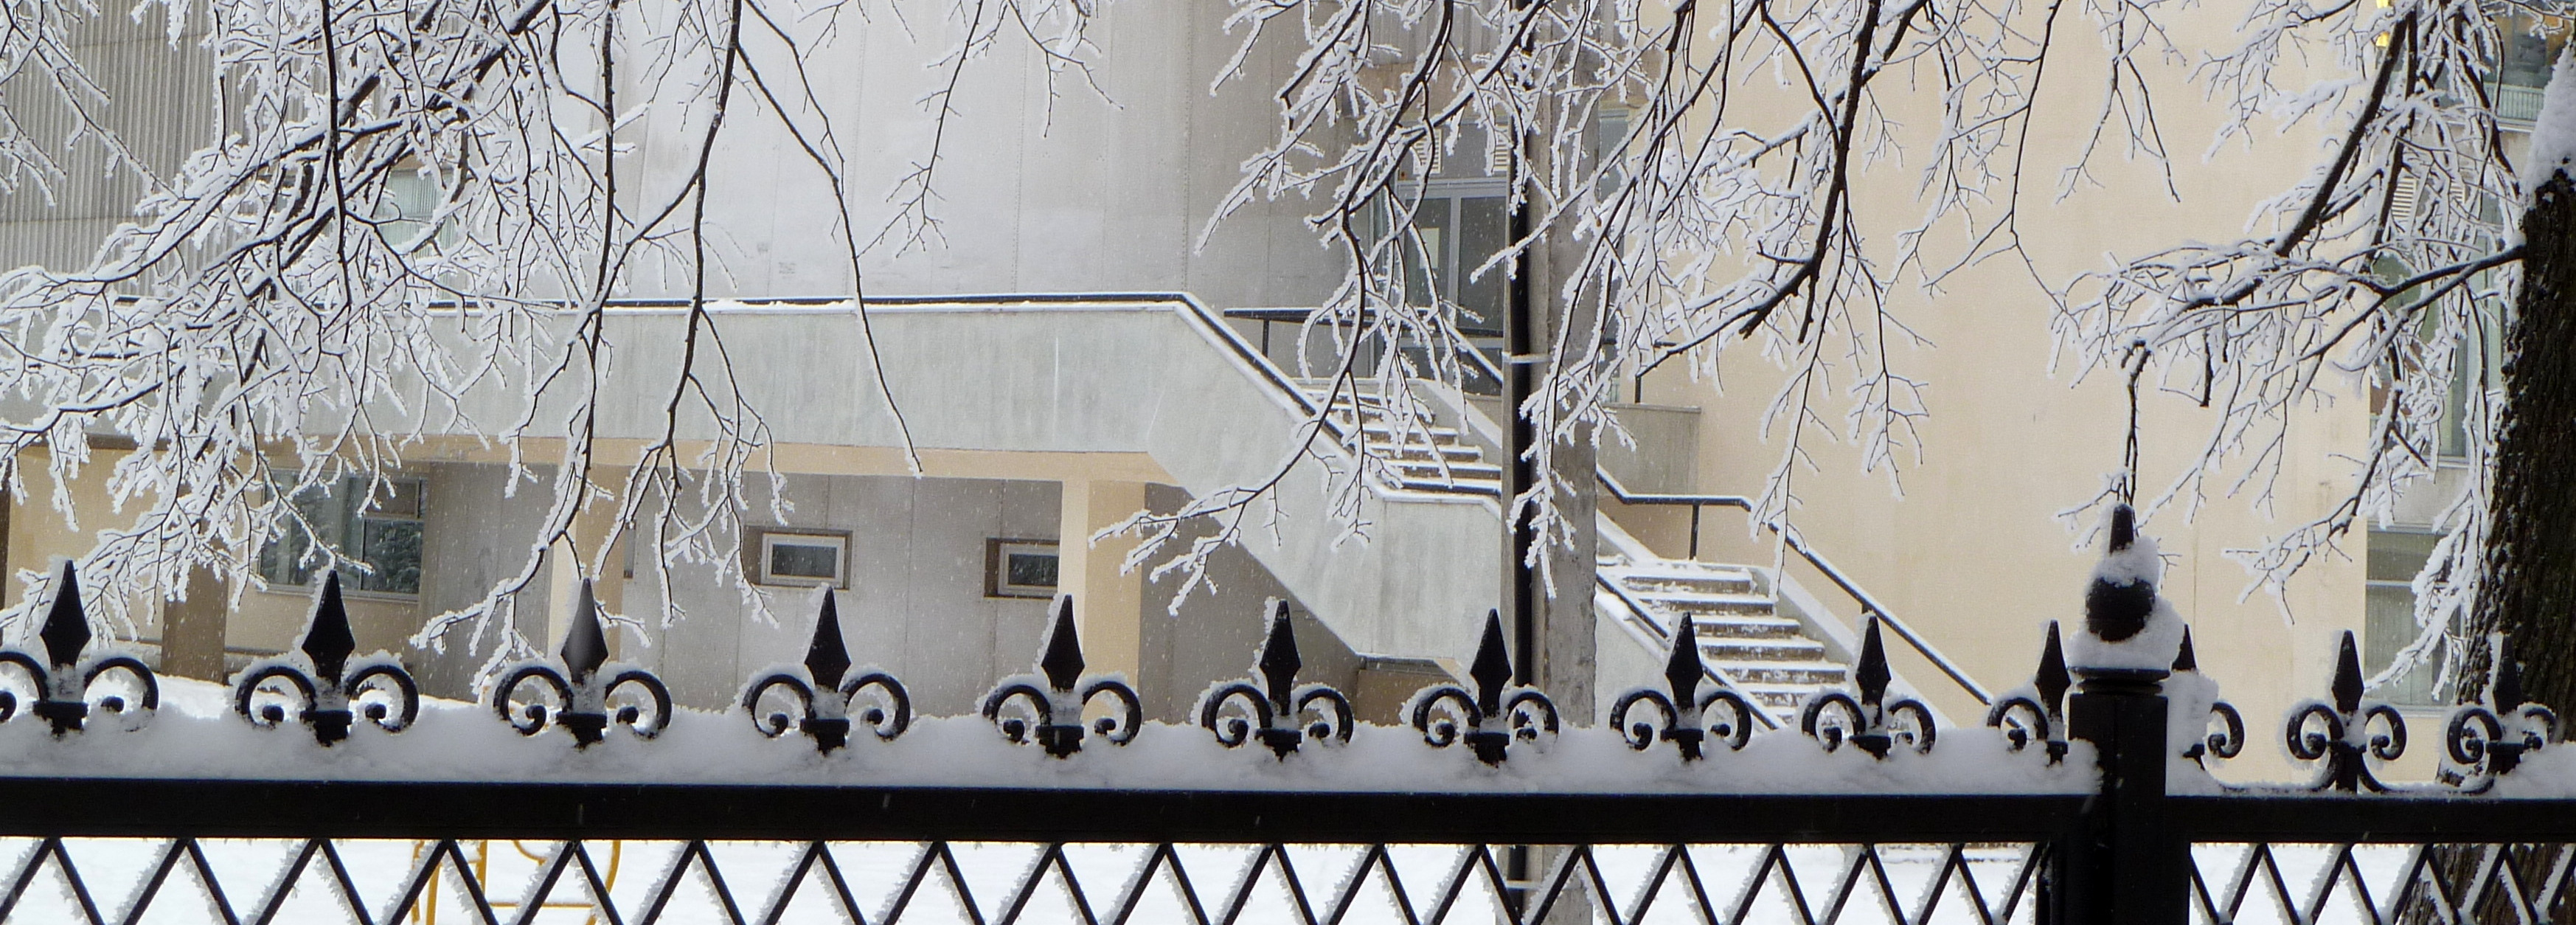 Государственный музей истории космонавтики имени К.Э. Циолковского в Калуге